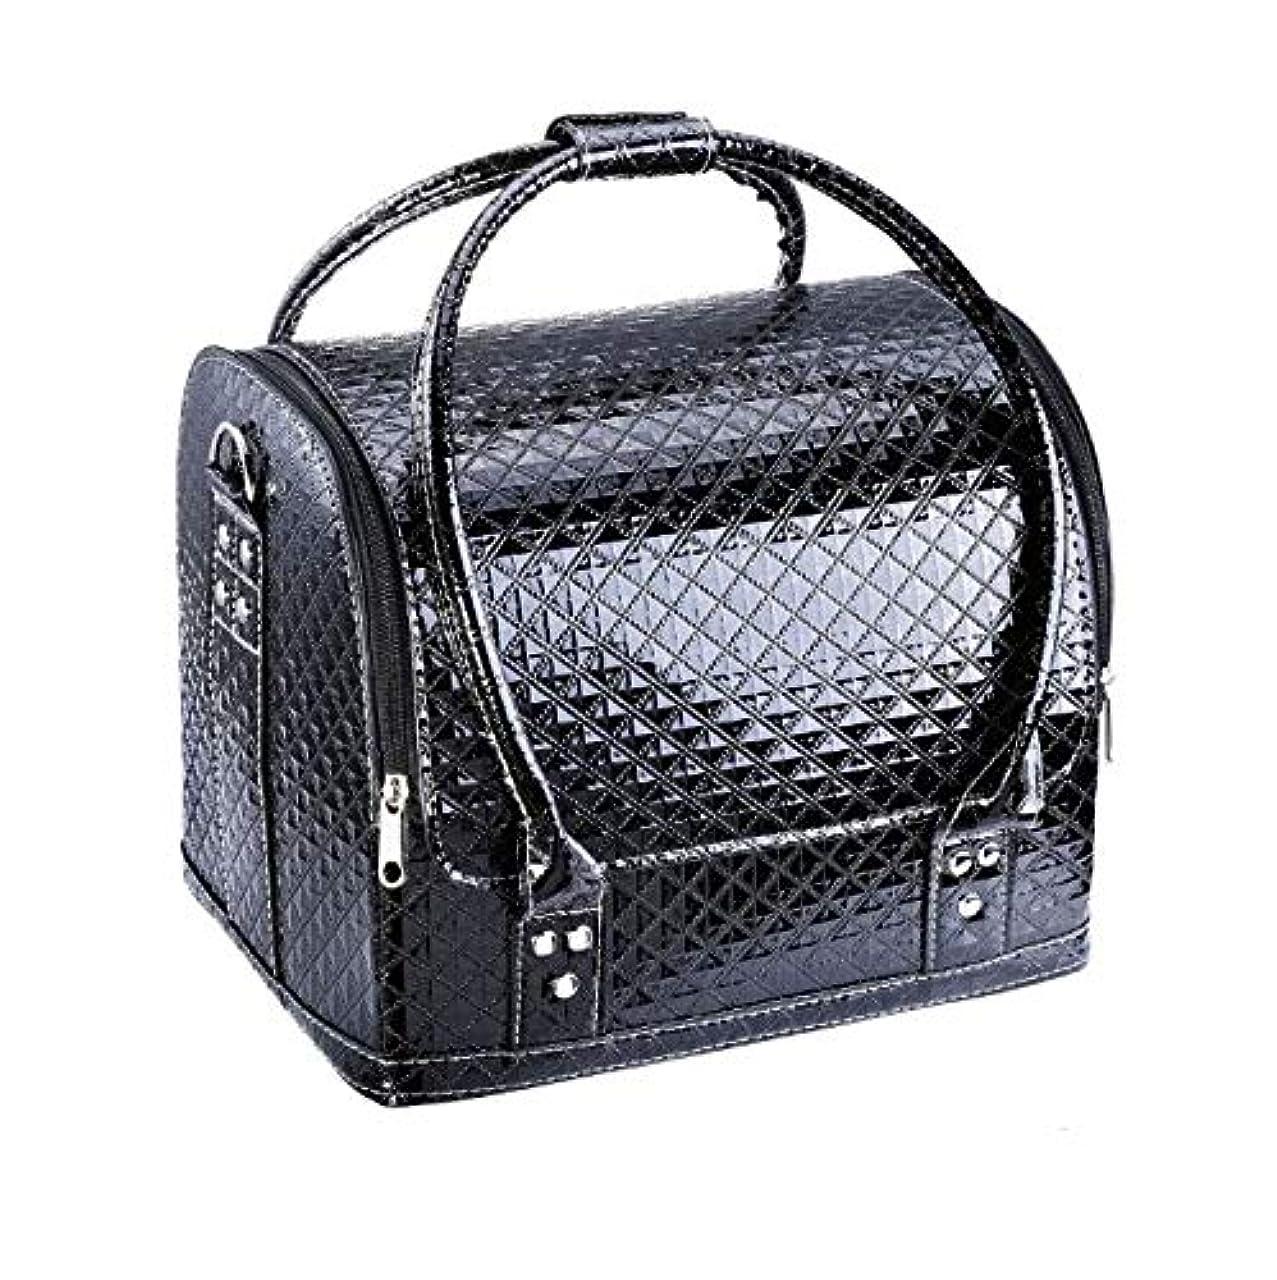 化粧箱、大容量ダブルオープンポータブル化粧品ケース、ポータブルダイヤモンドパターン旅行化粧品バッグ、美容ネイルジュエリー収納ボックス